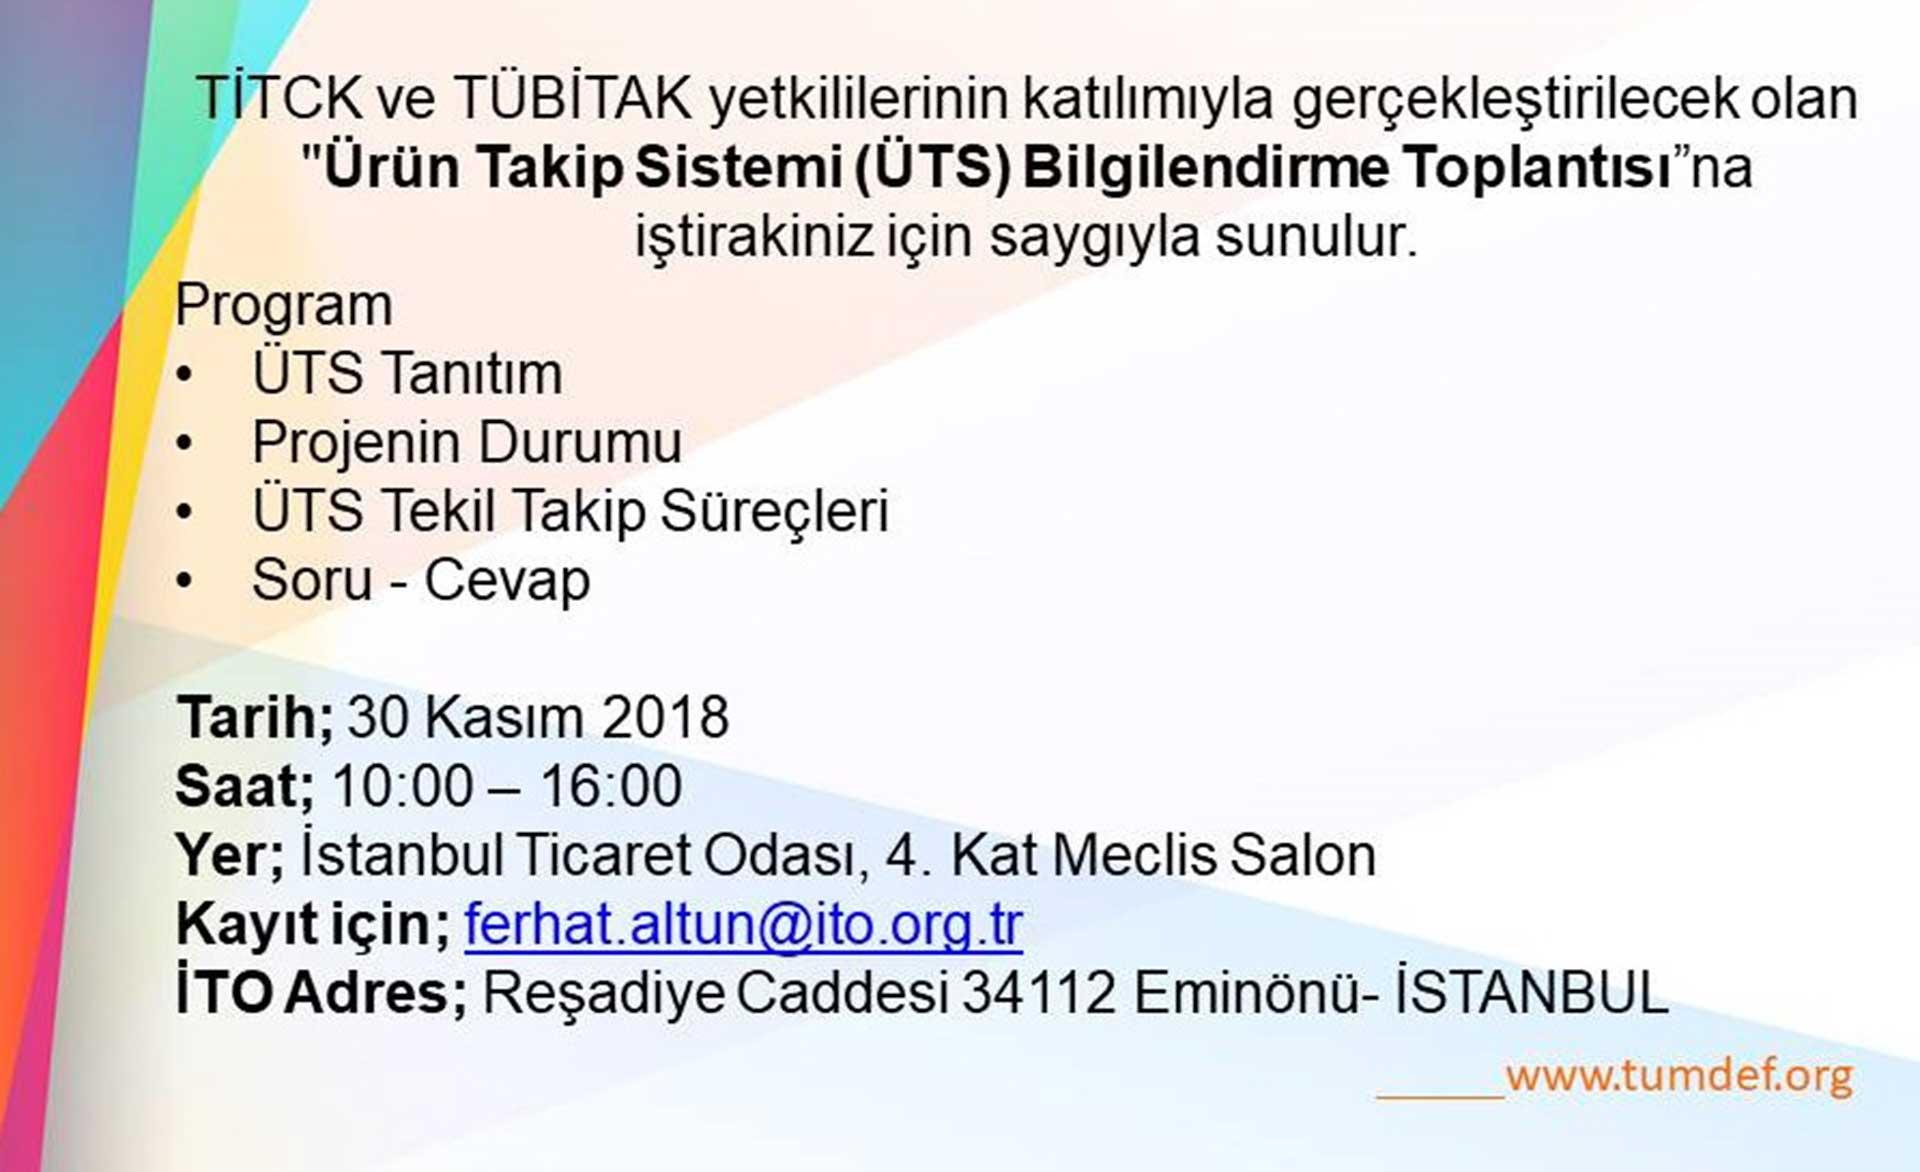 ÜTS toplantısı 30 Kasım'da İstanbul'da